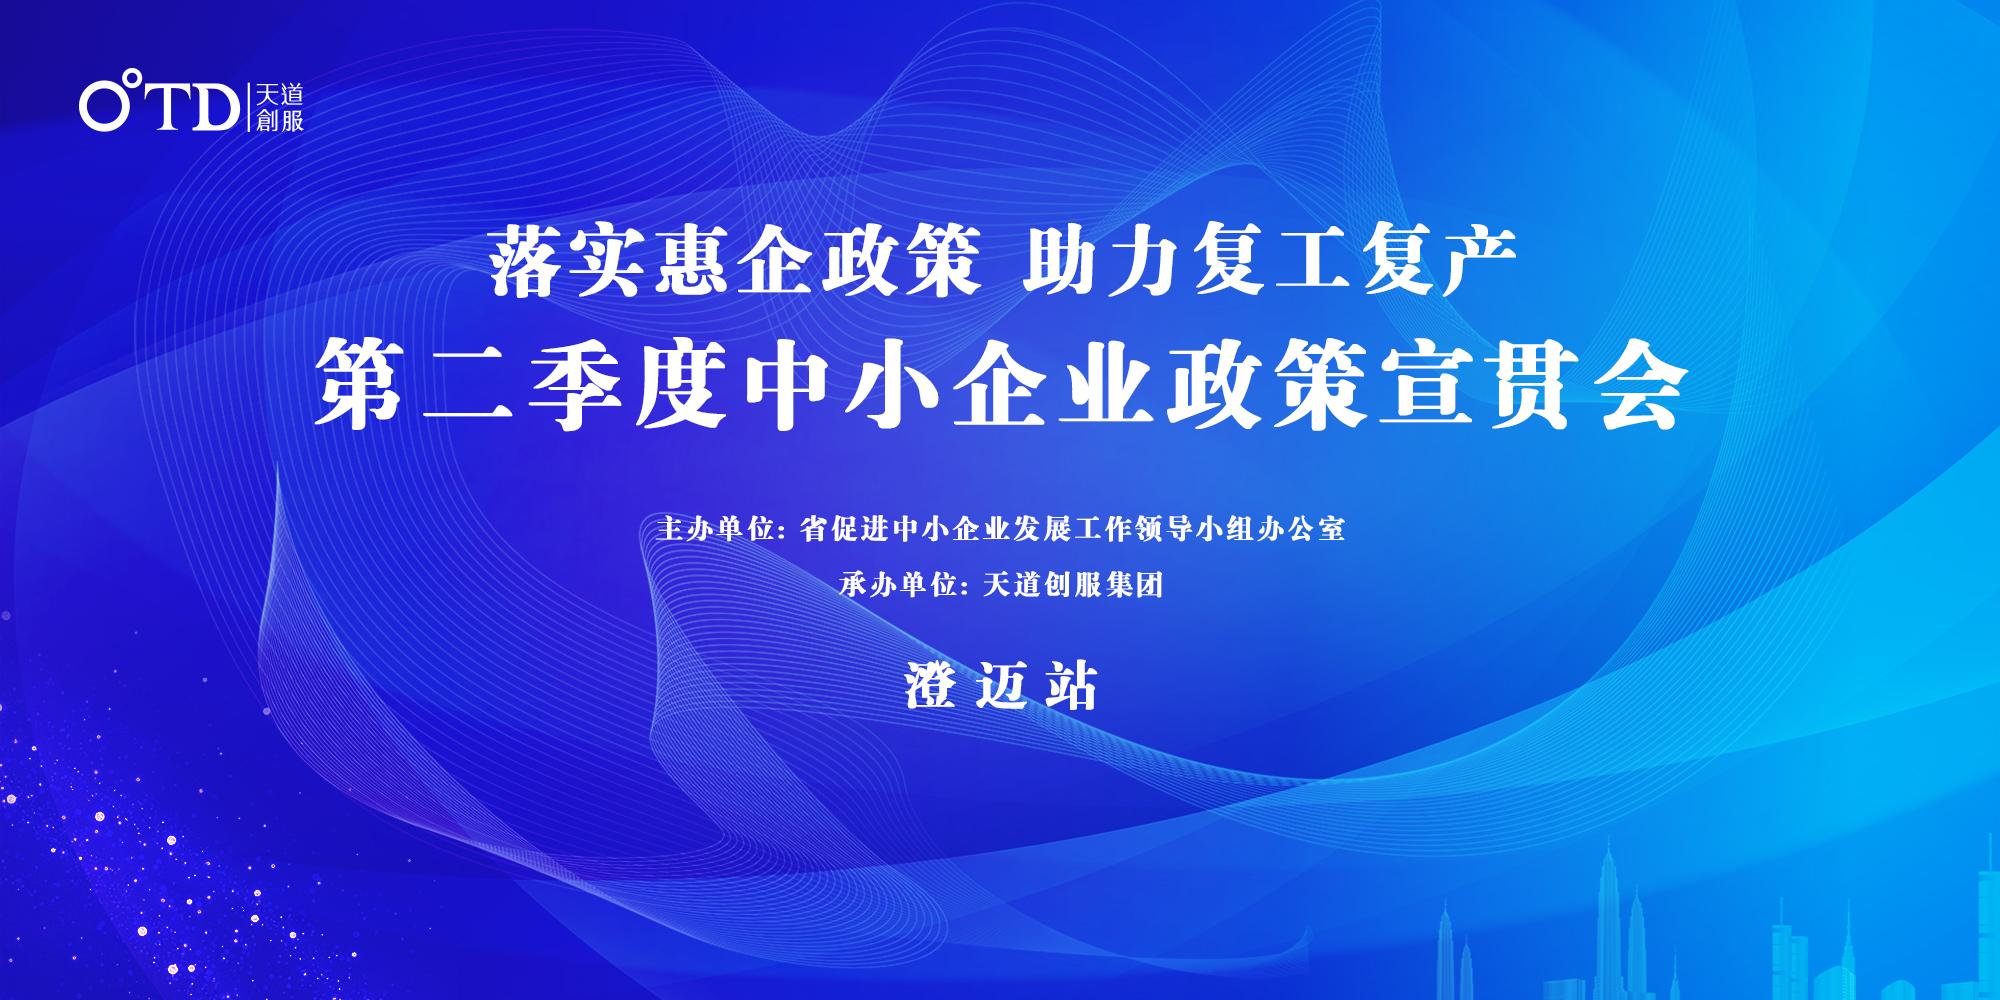 第二季度中小企业政策宣贯会|澄迈站